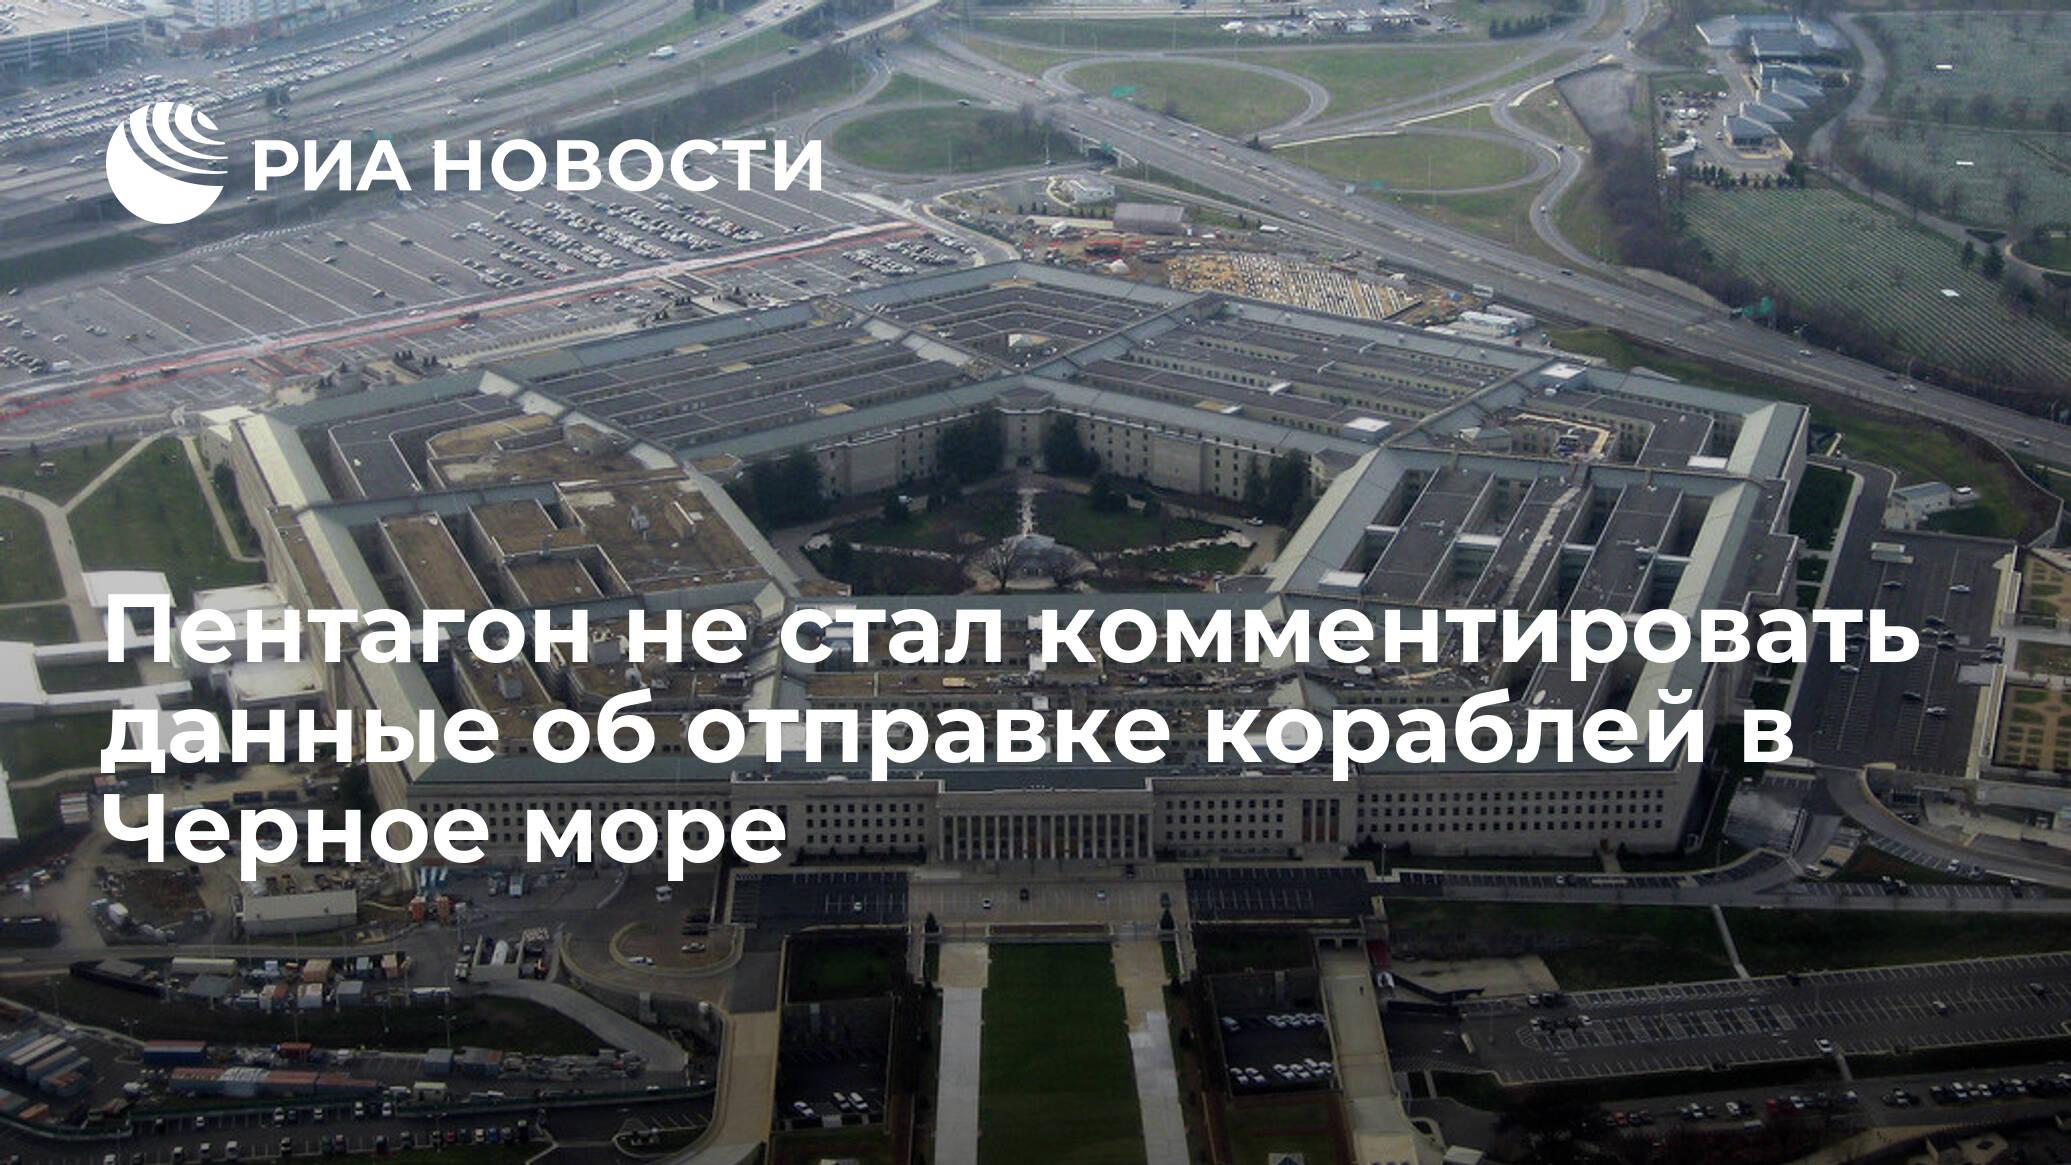 Пентагон не стал комментировать данные об отправке кораблей в Черное море